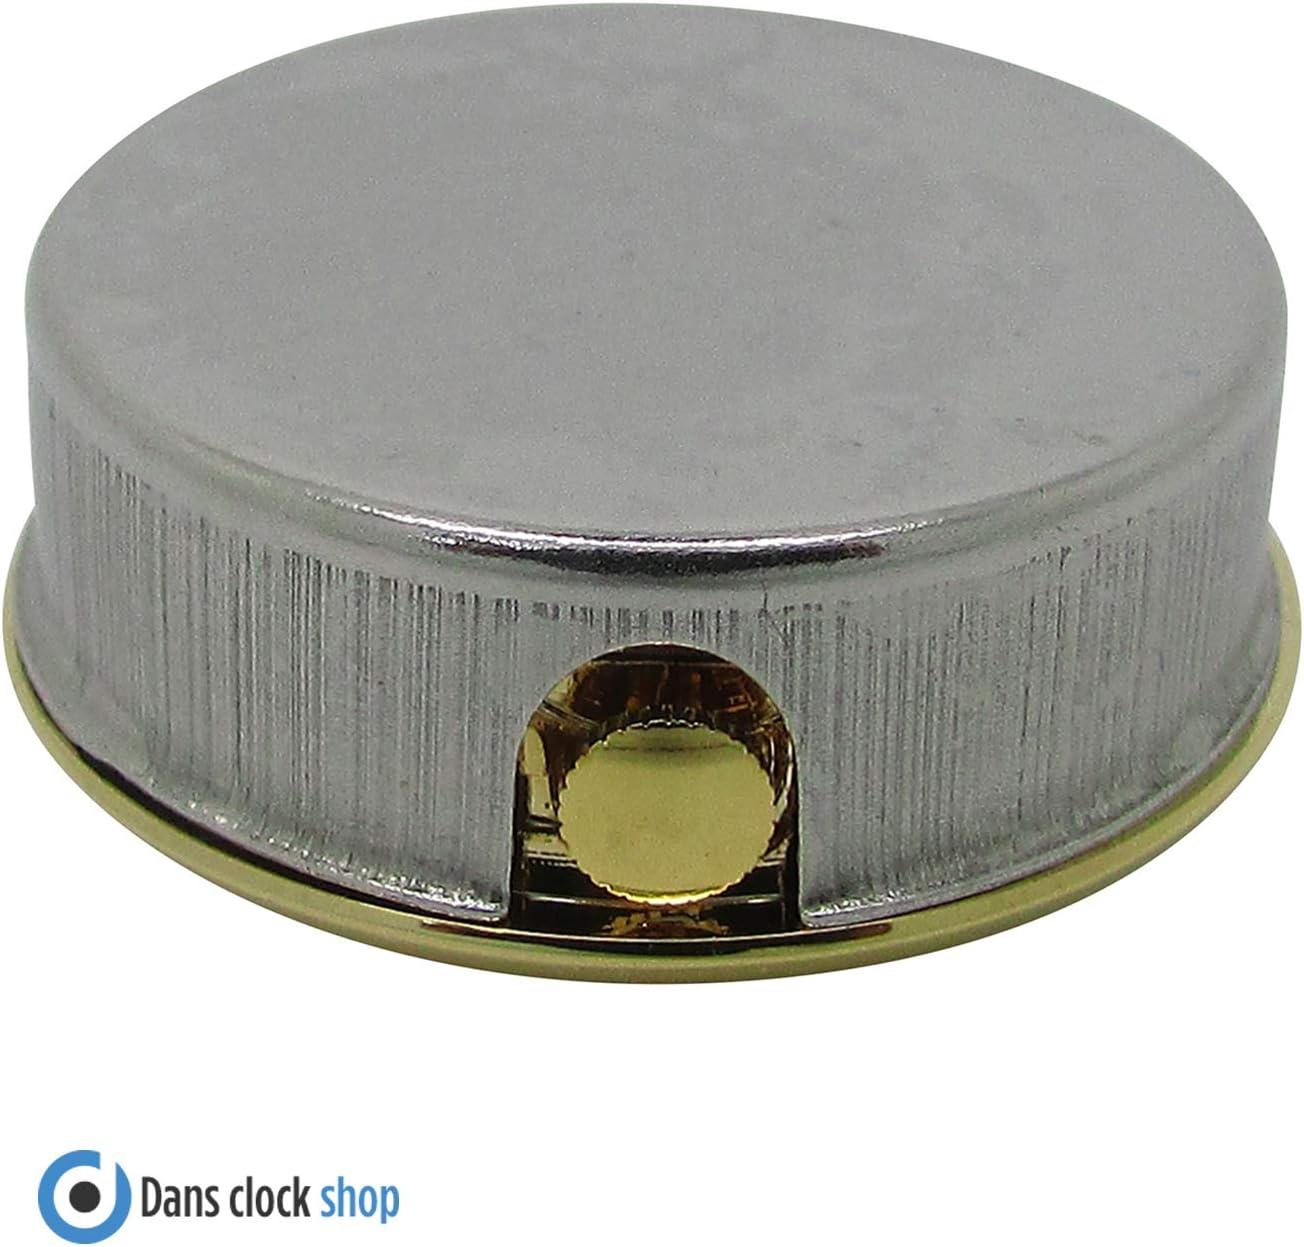 Indimization Cr/âne Rose Horloge de Charge R/éveil num/érique avec /écran LED Port USB et Commande vocale pour Les Chambres denfants Salon 6.2x3.8x0.9 in